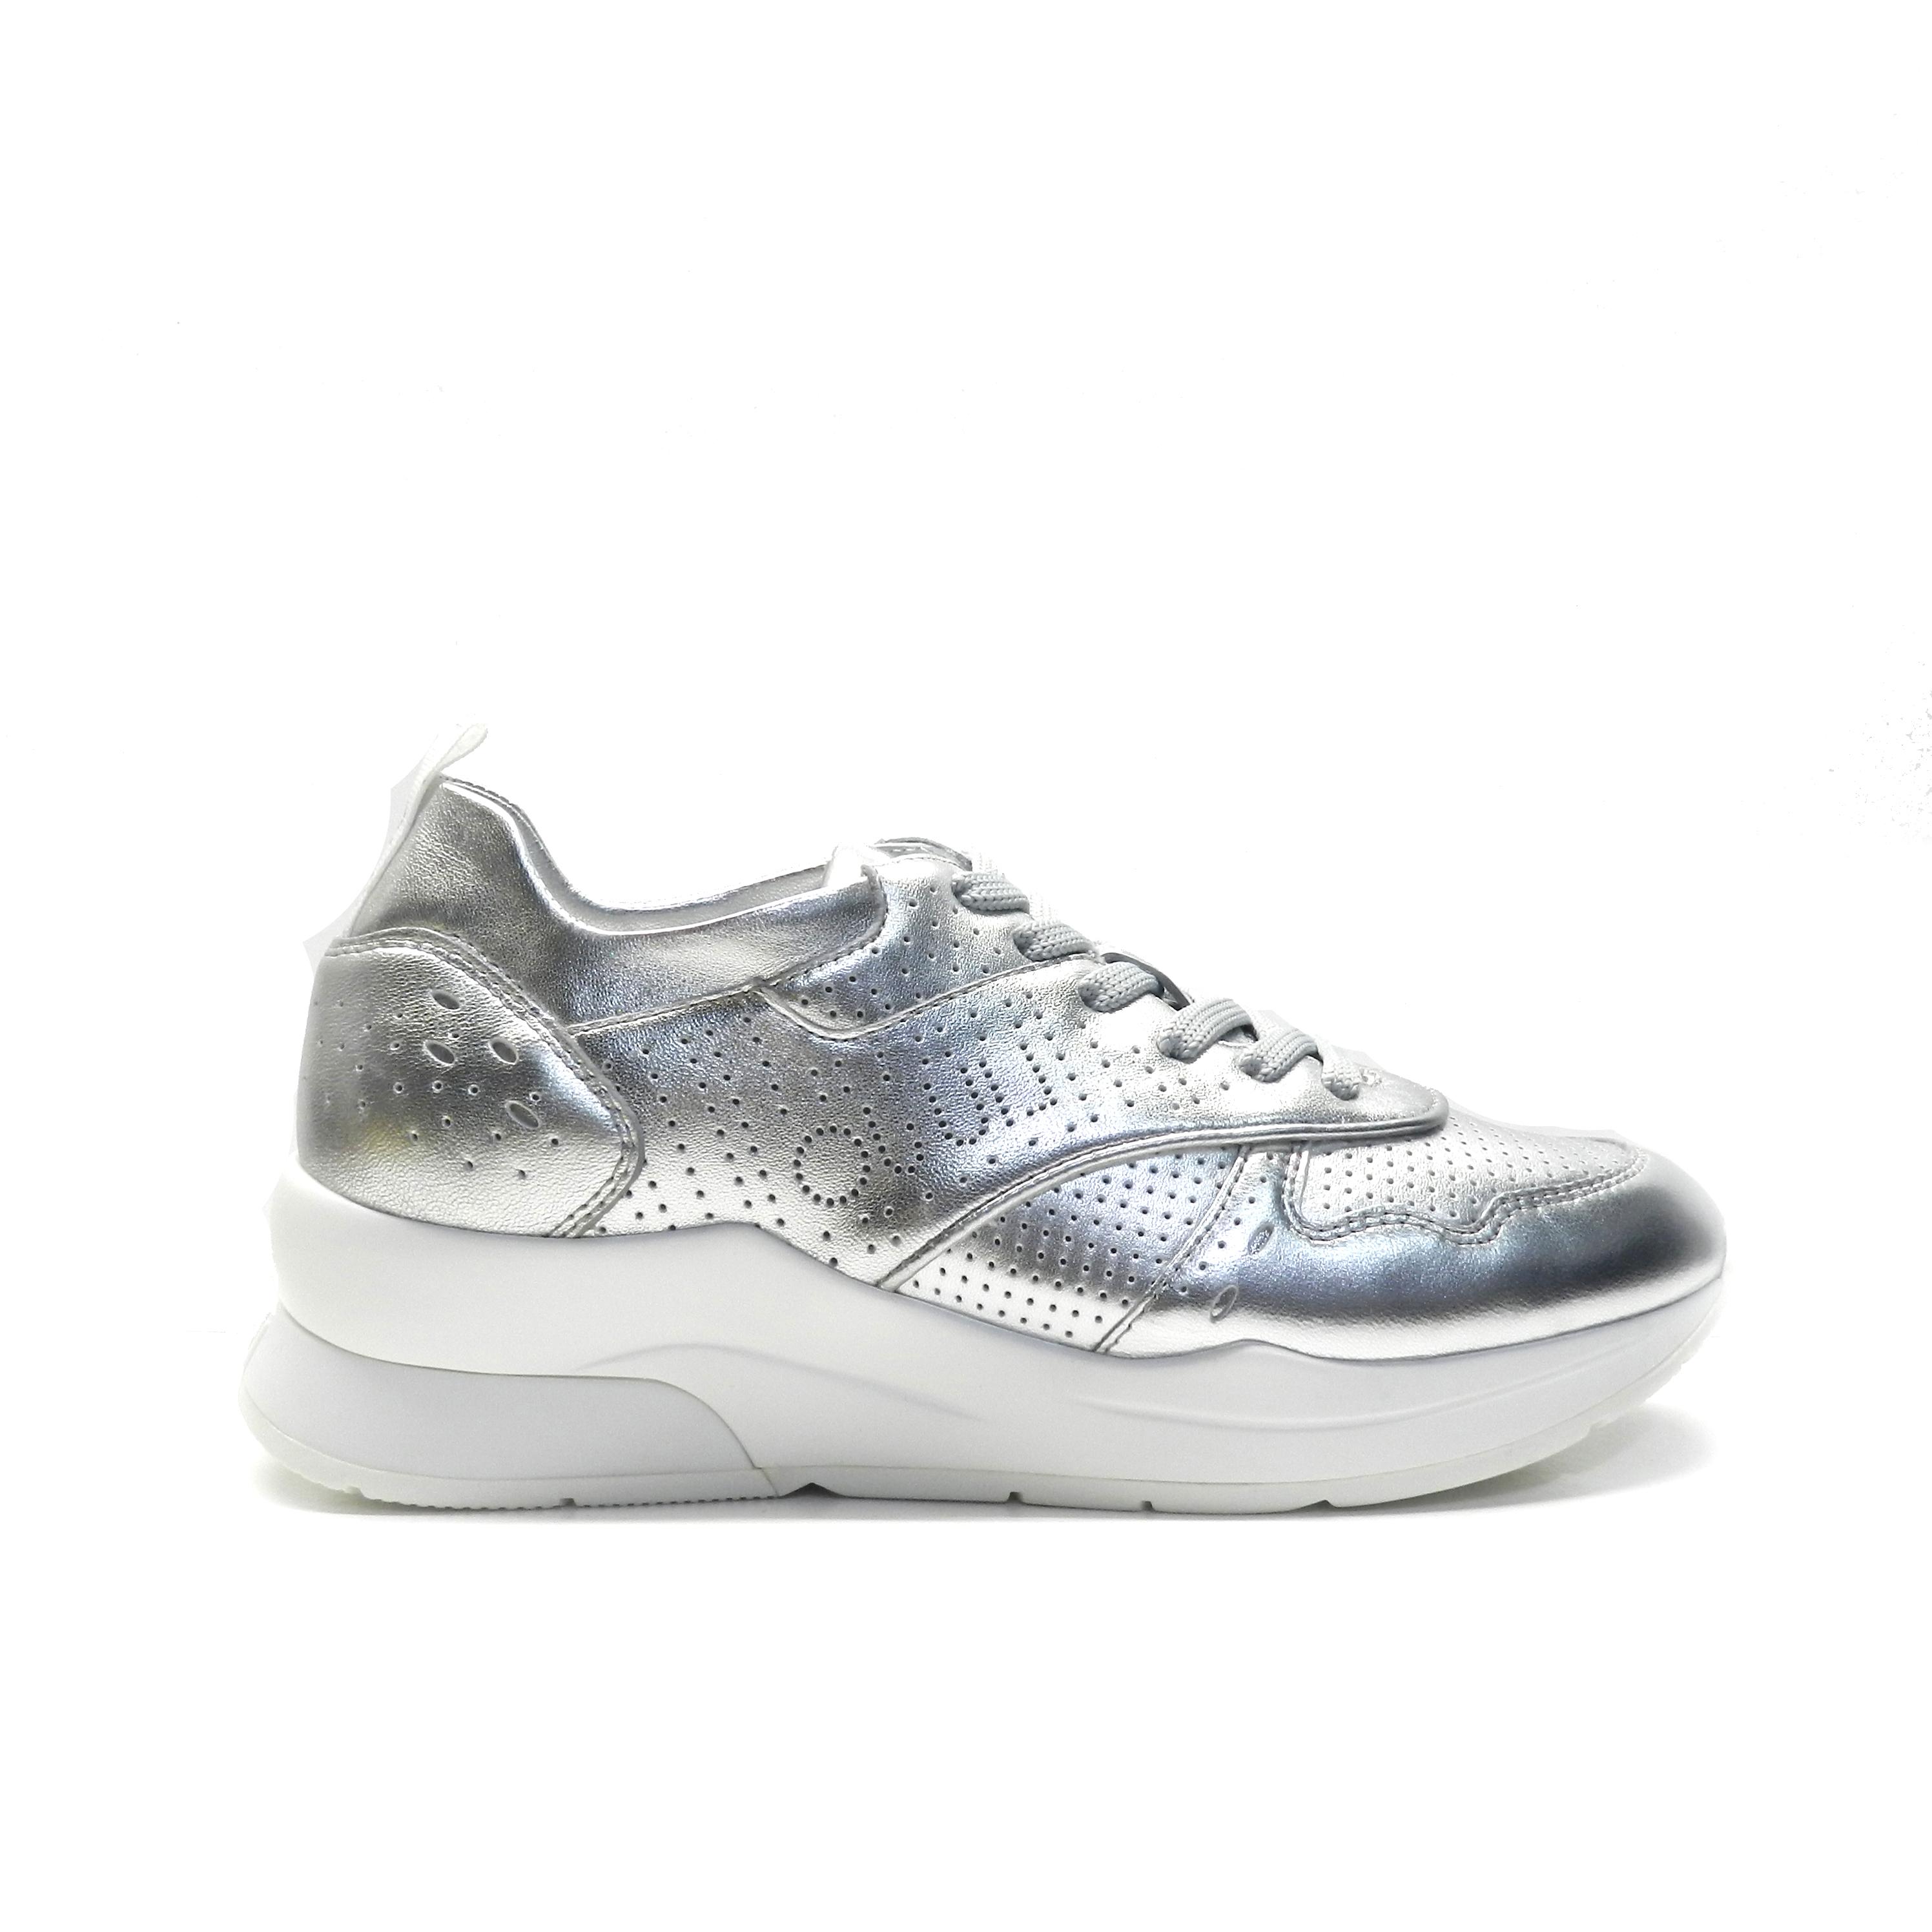 d4201834 sneakers en combinación de colores y diferentes texturas, de la marca  liu.jo.